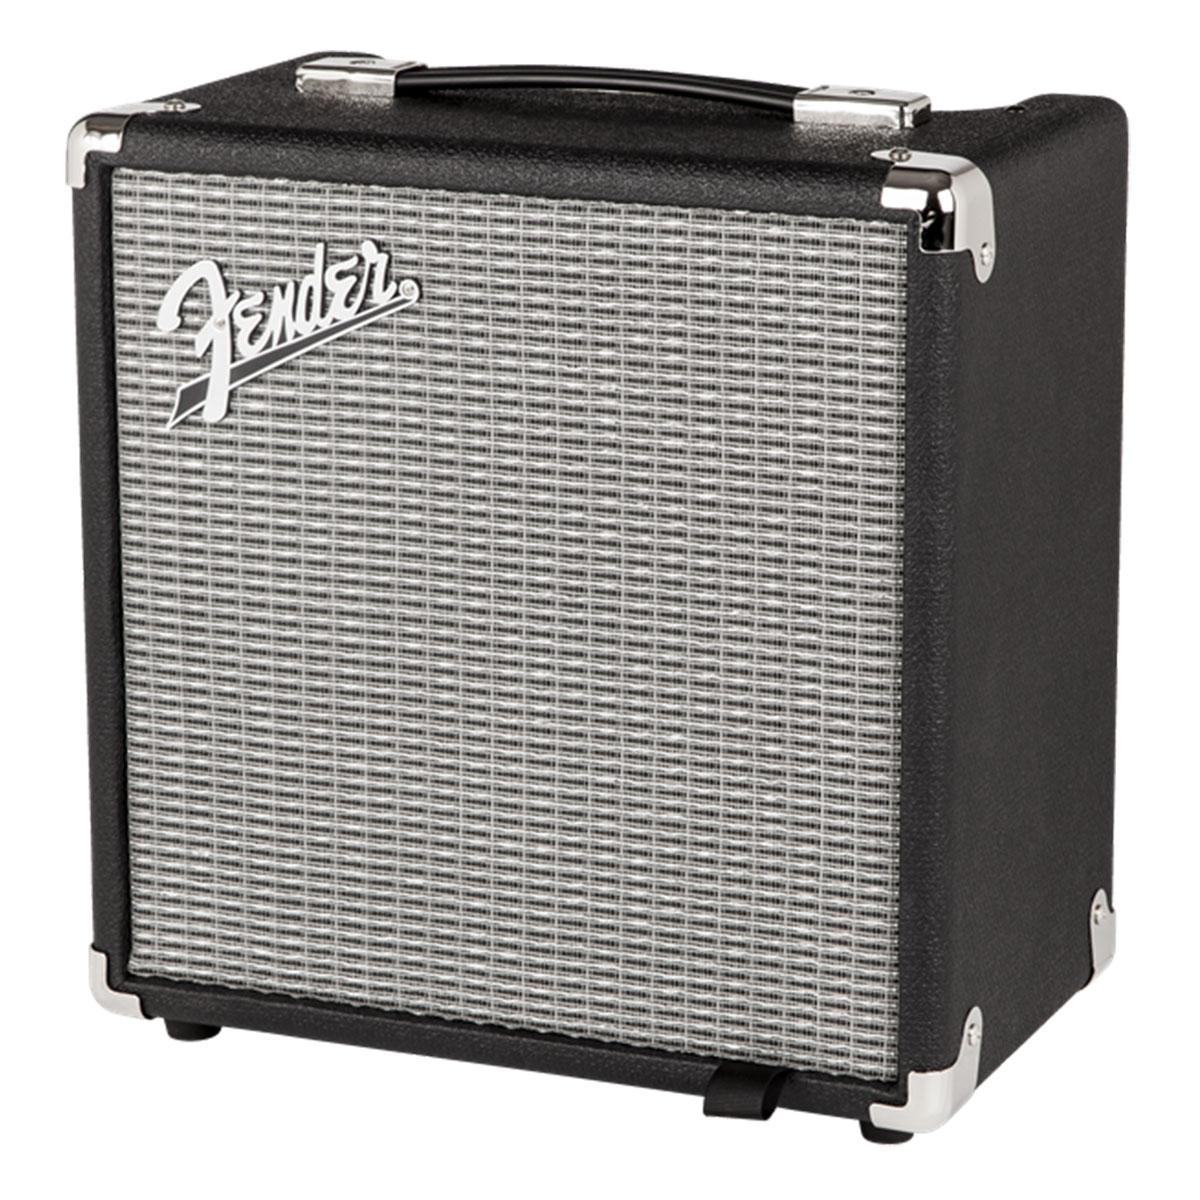 Fender - Rumble 15 V3